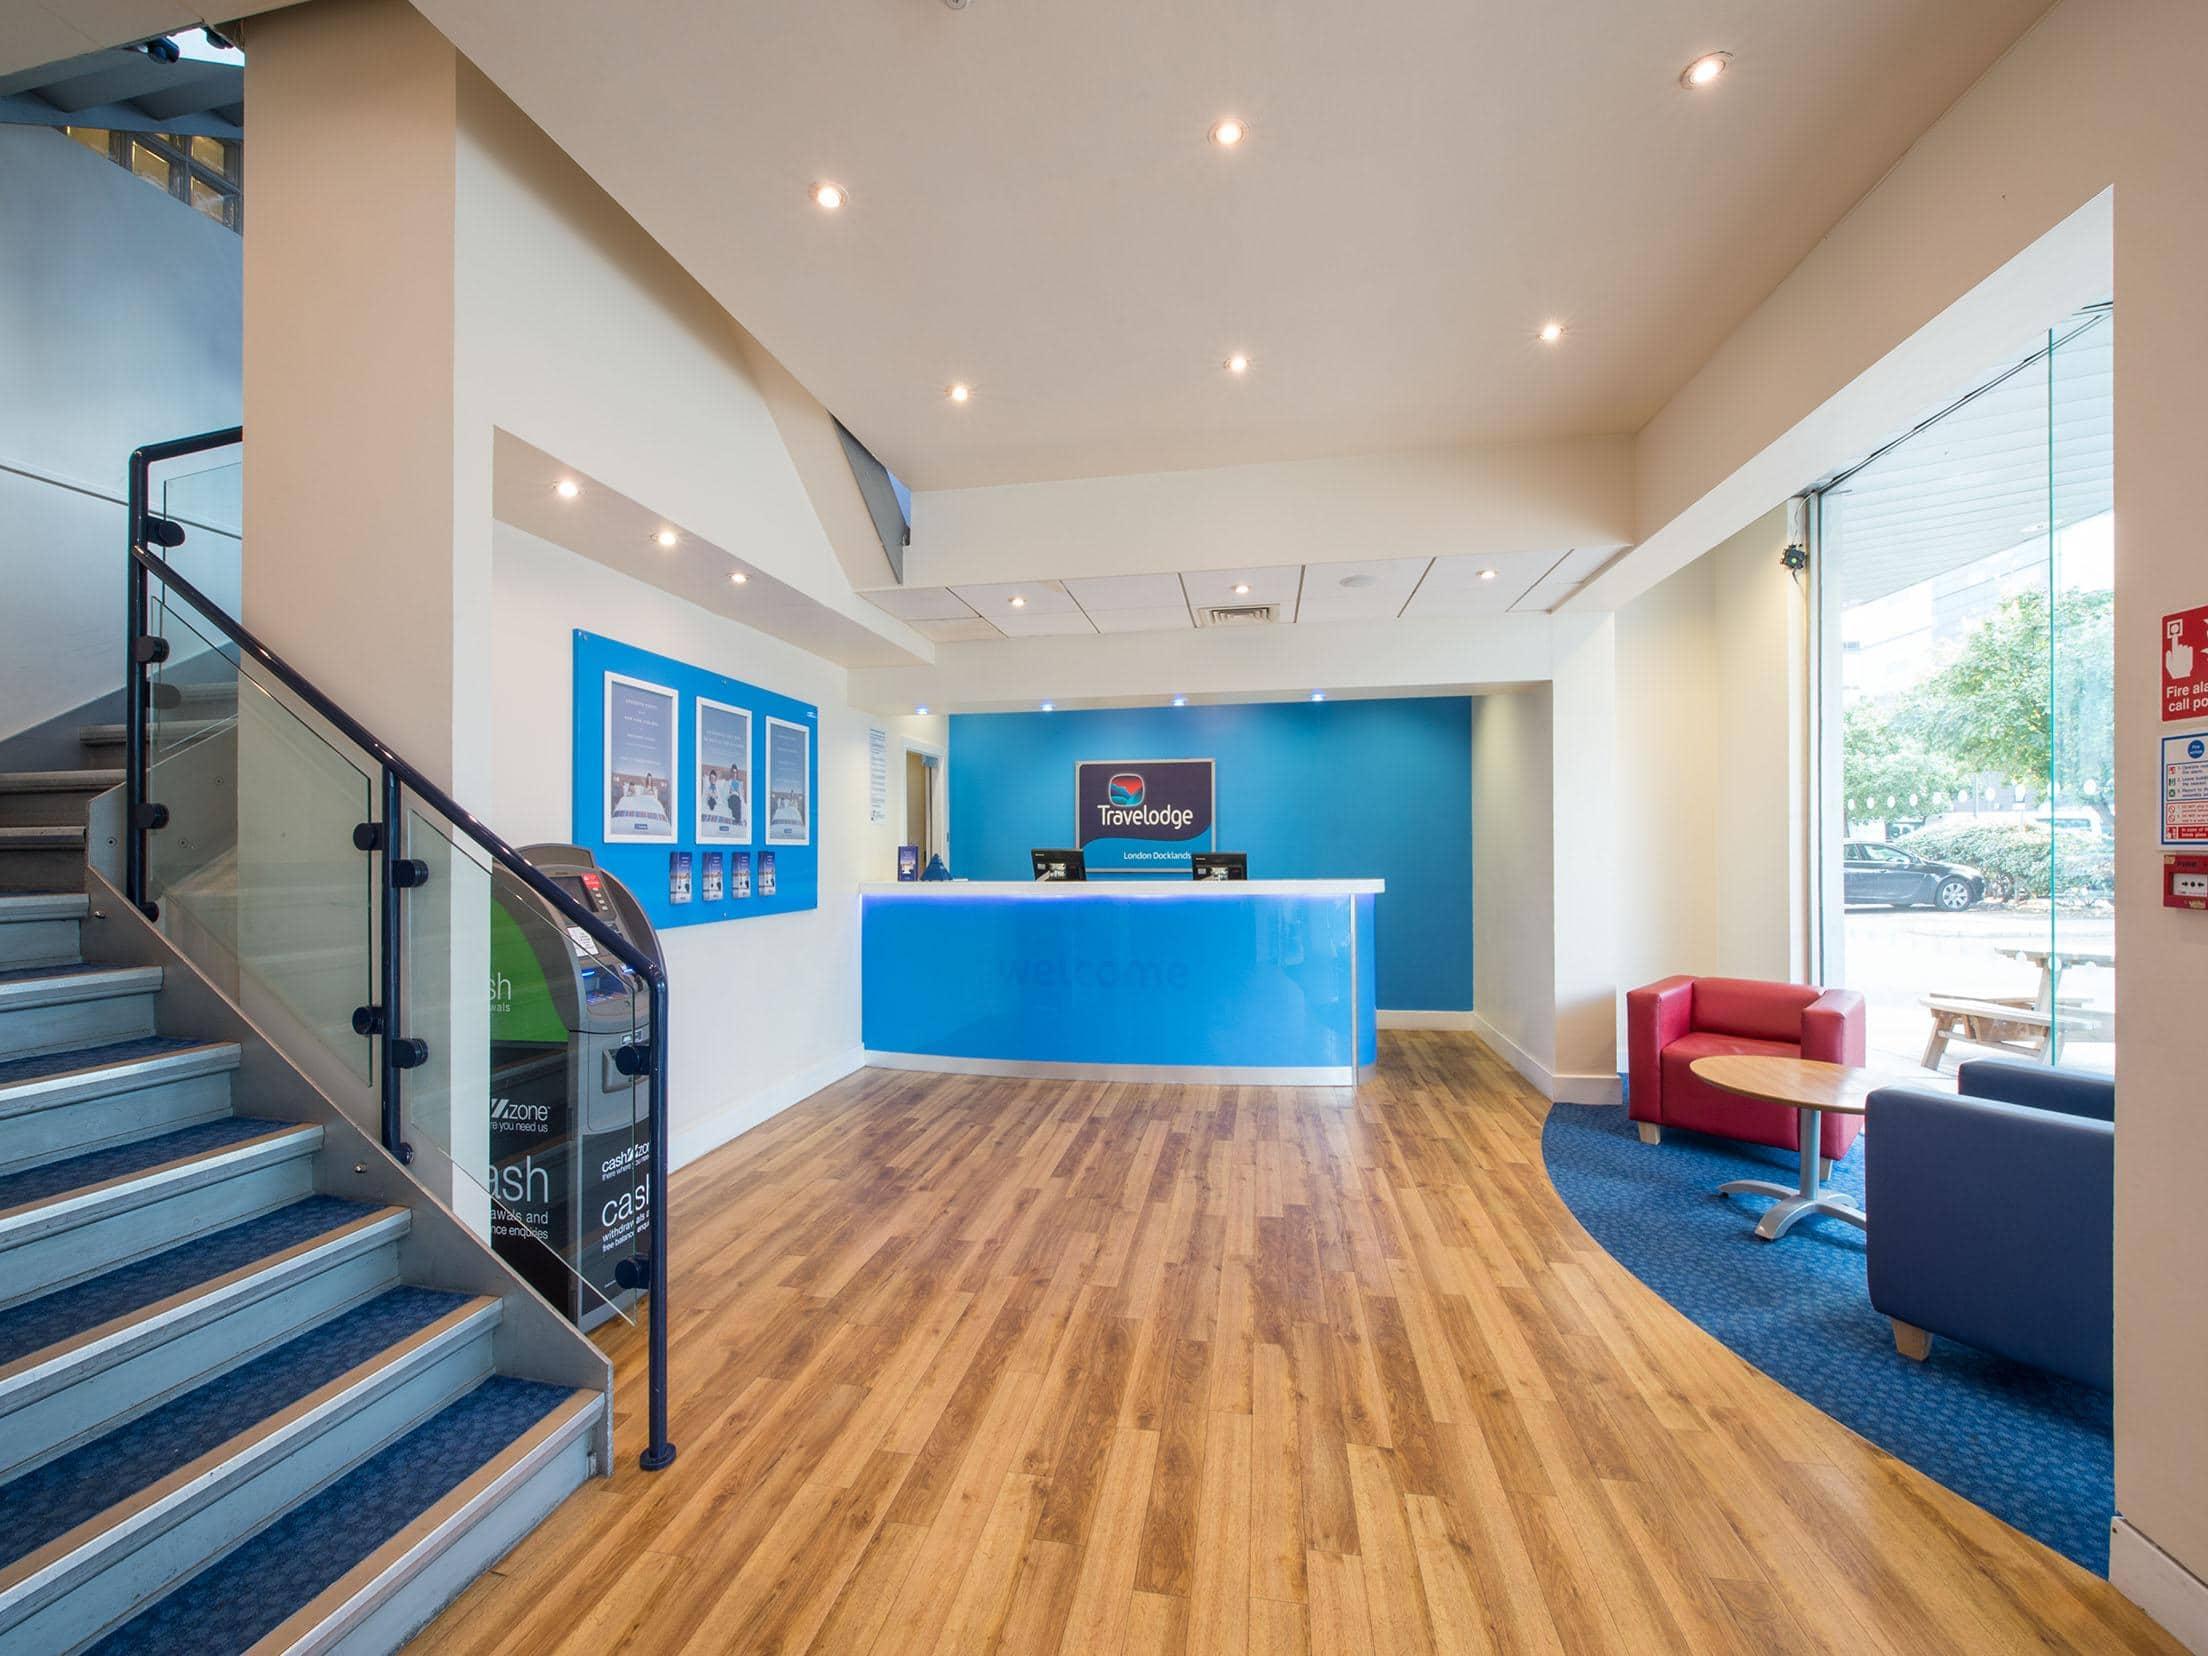 Contemporary Home Design E7 0ew Part - 28: 93 Contemporary Home Design E7 0ew 19 Floridian House Plans